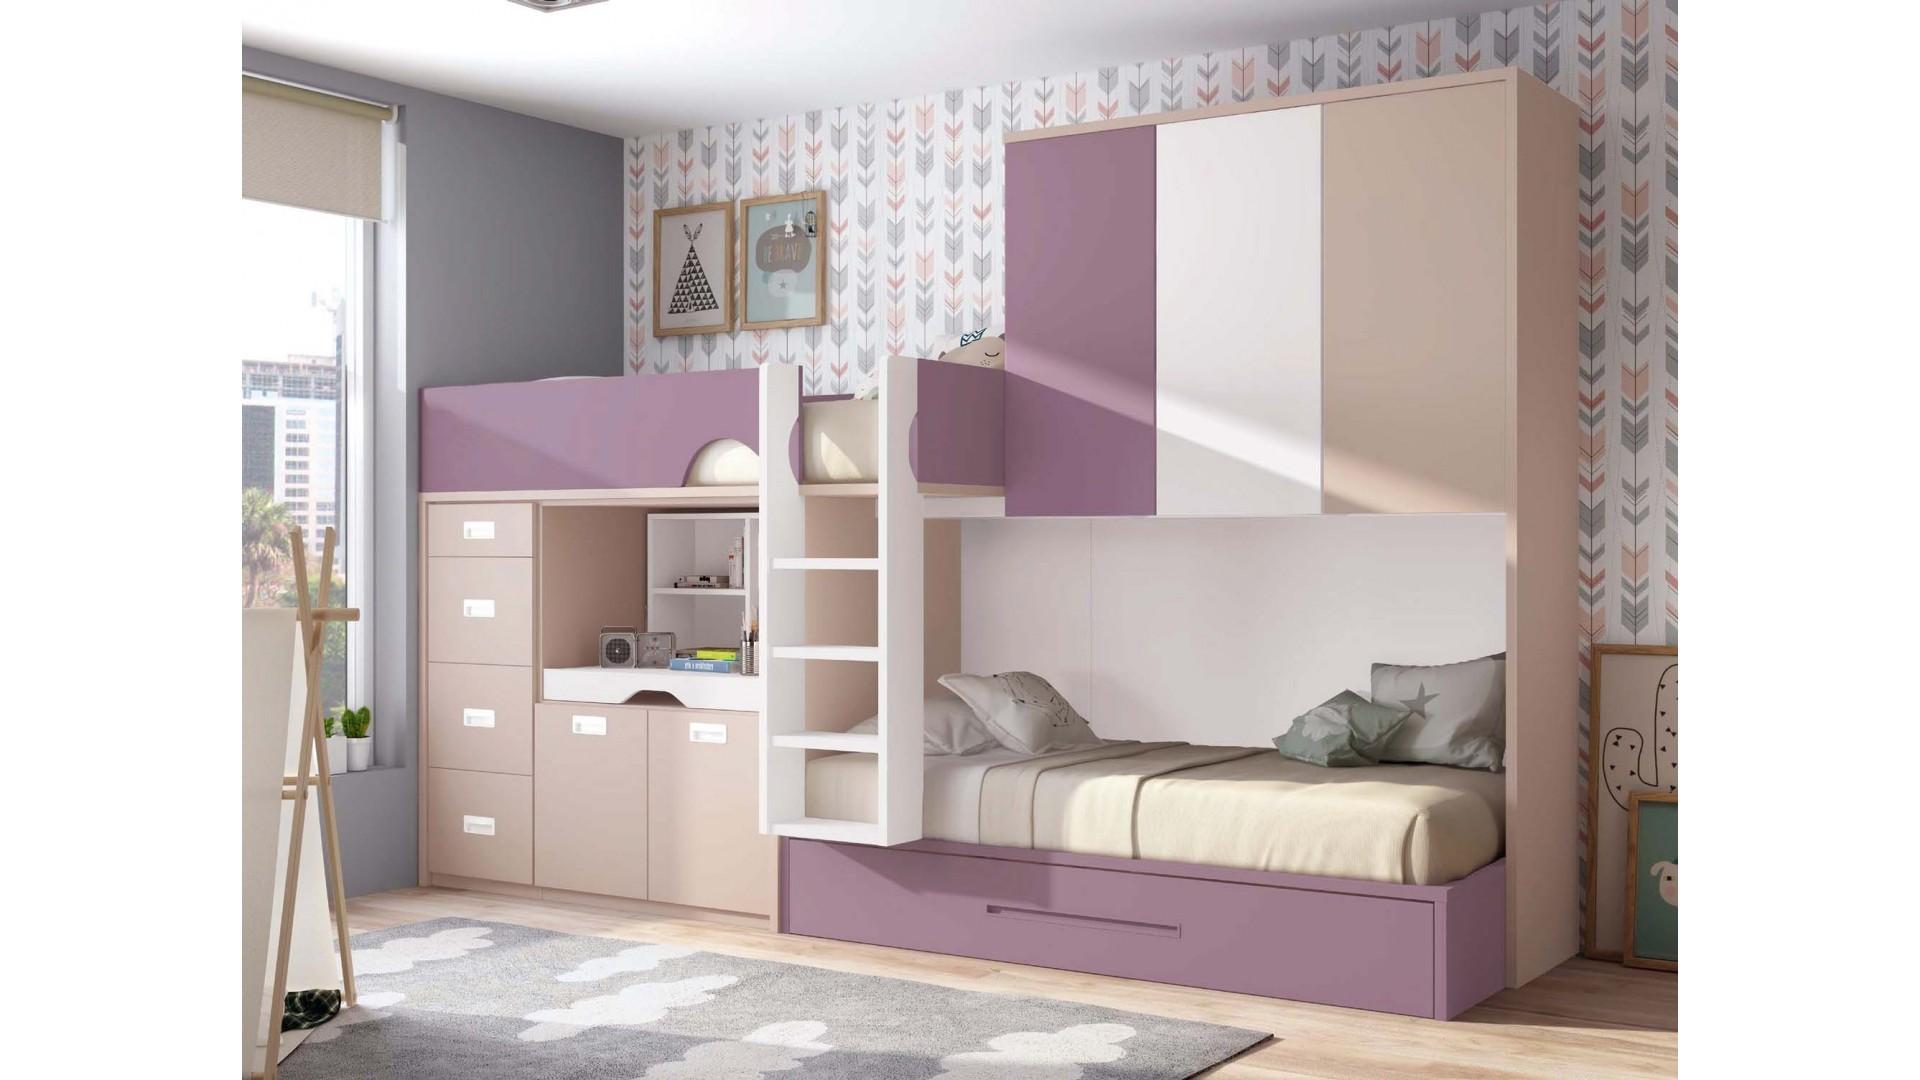 Lit Superposé 3 Étages les lits superposés, alliez tendance et praticité | univers